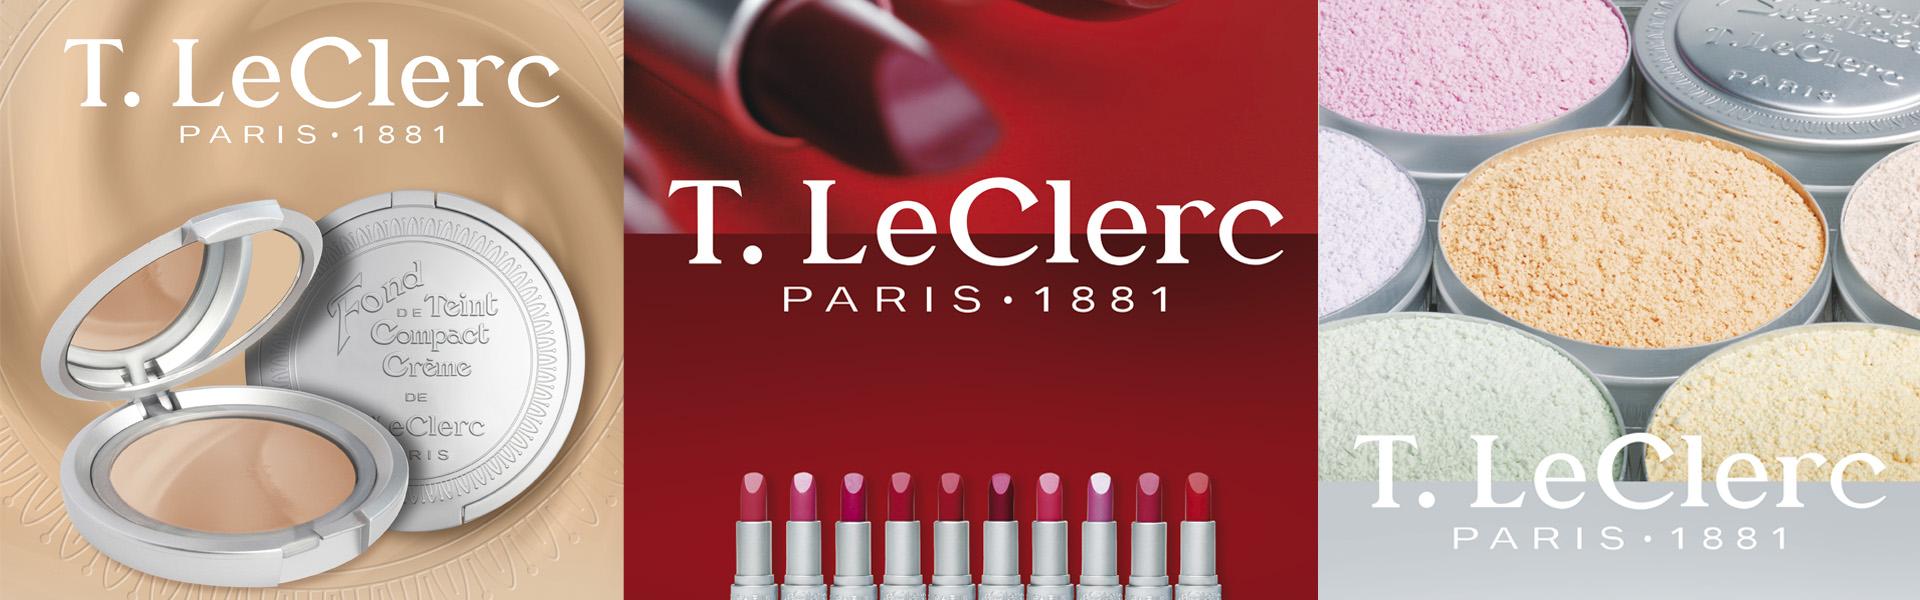 Te Le Clerc